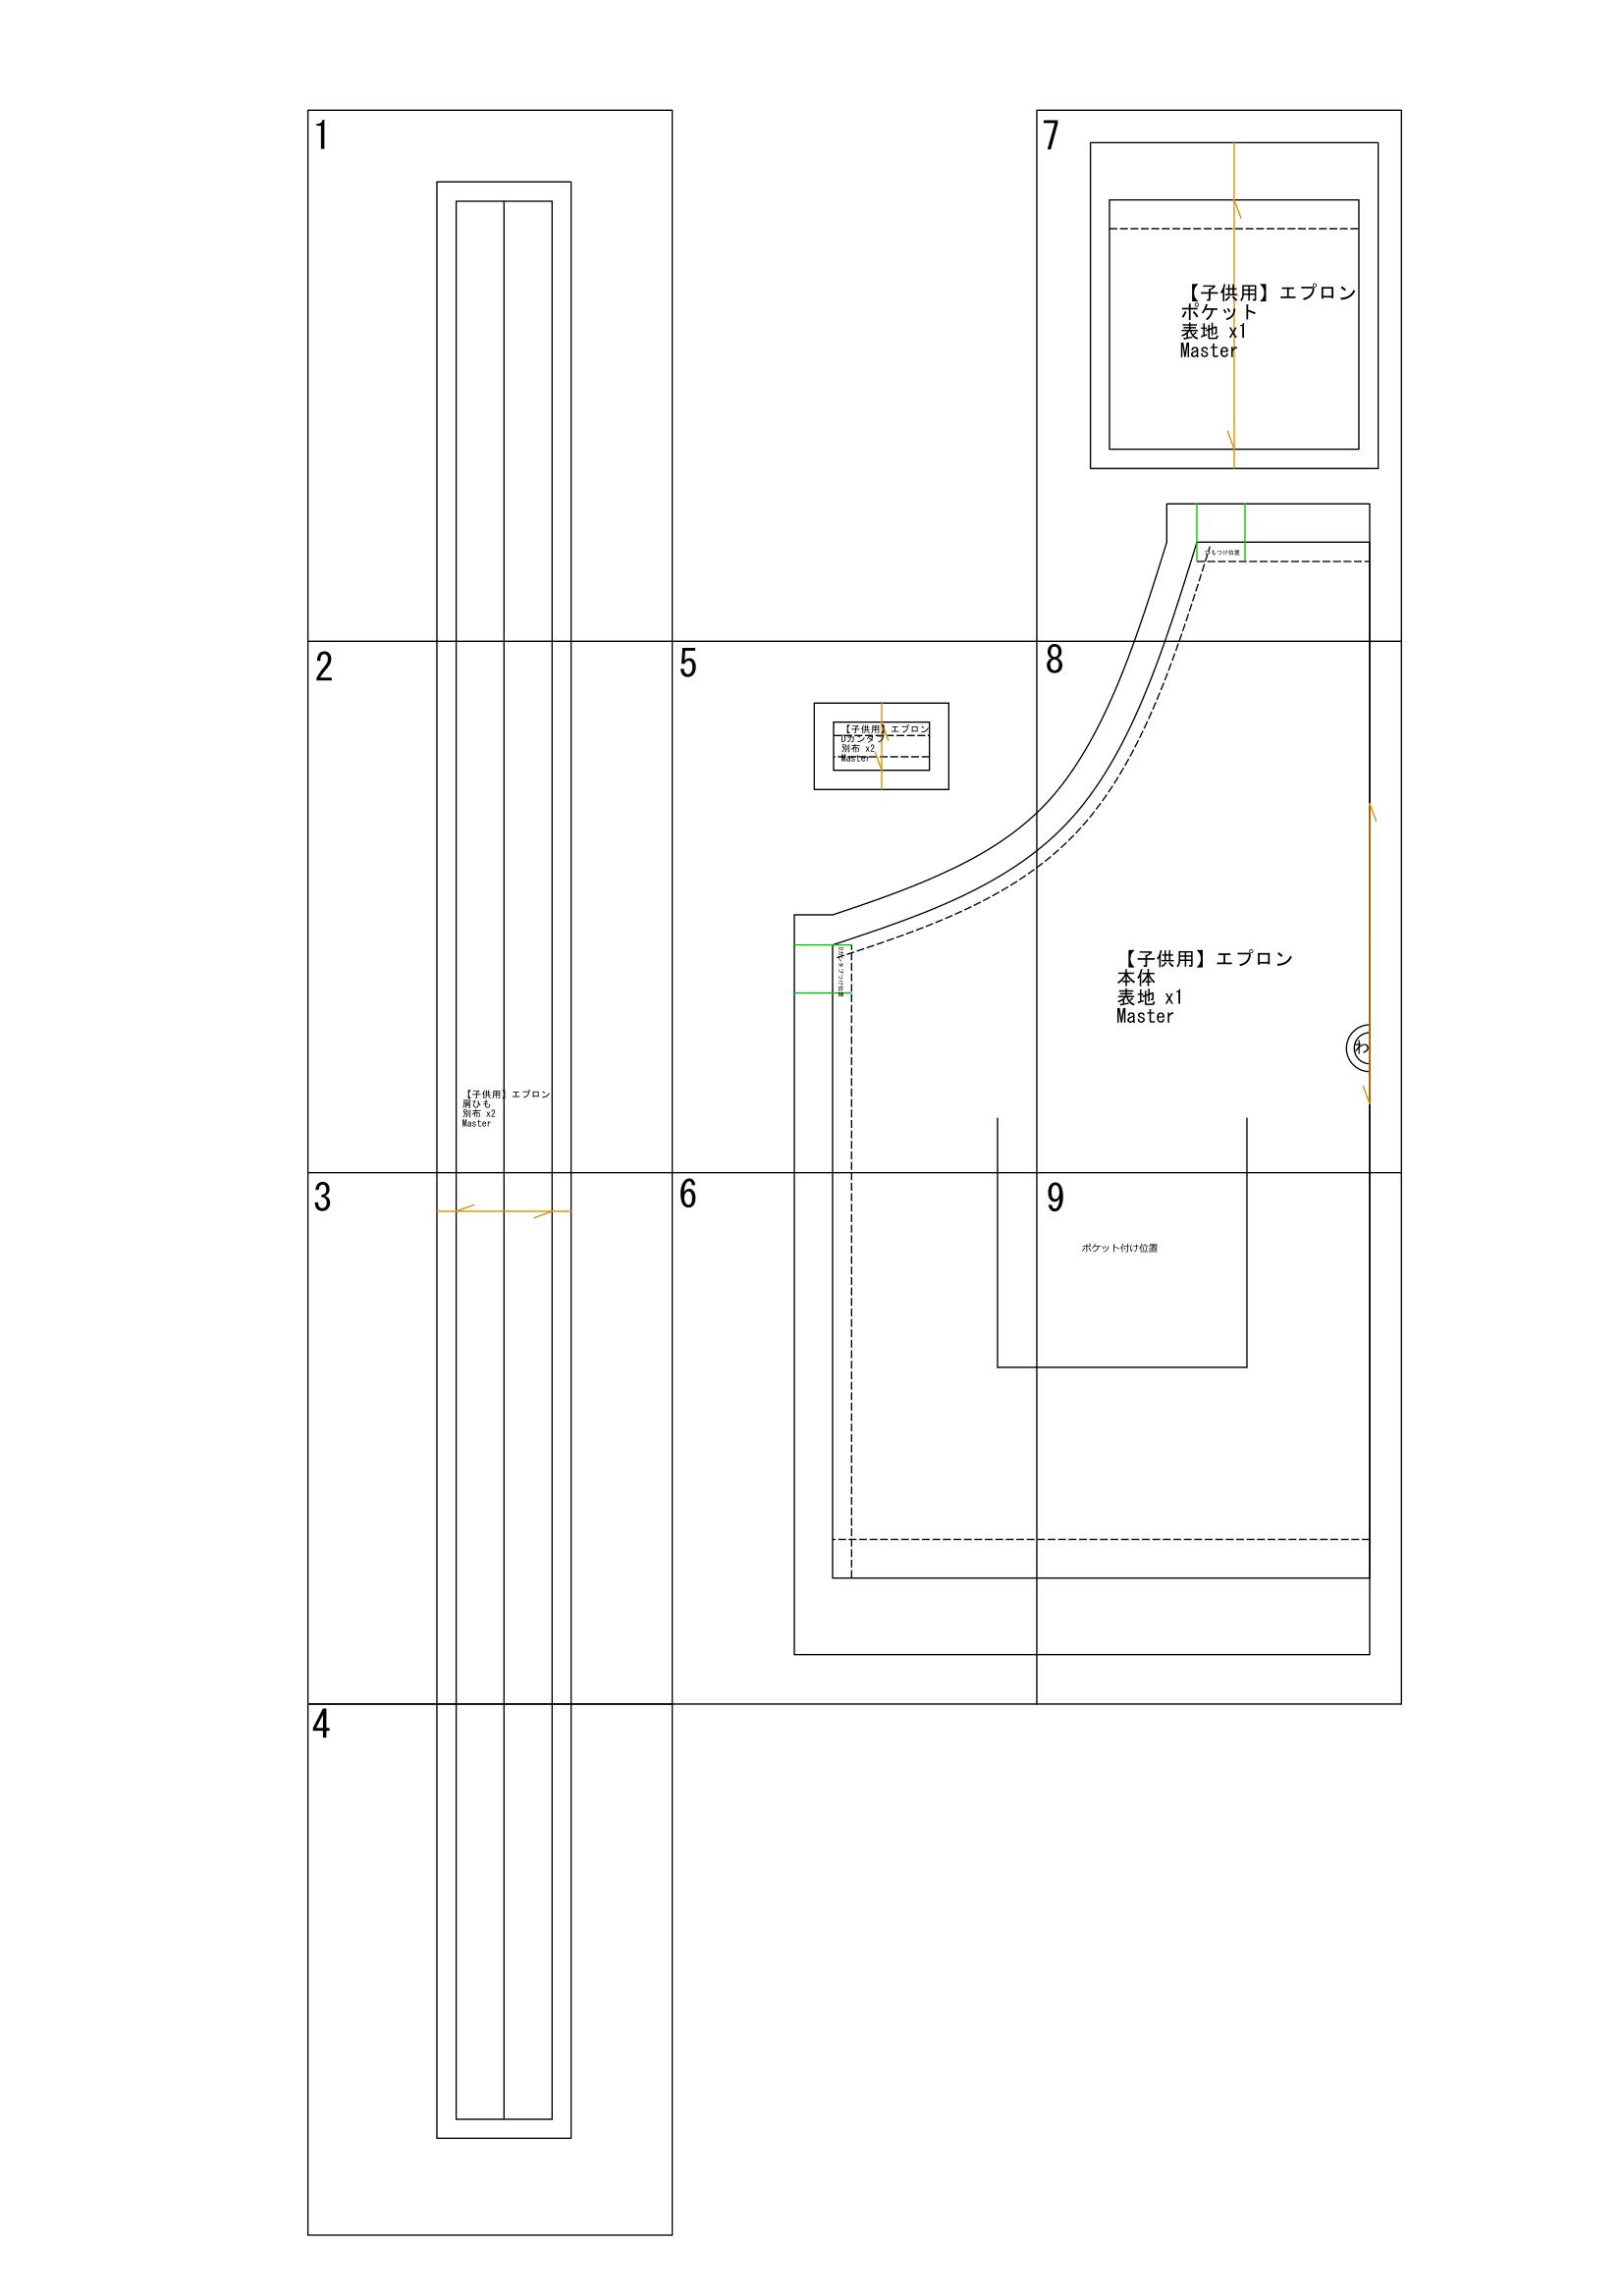 エプロンの型紙完成図